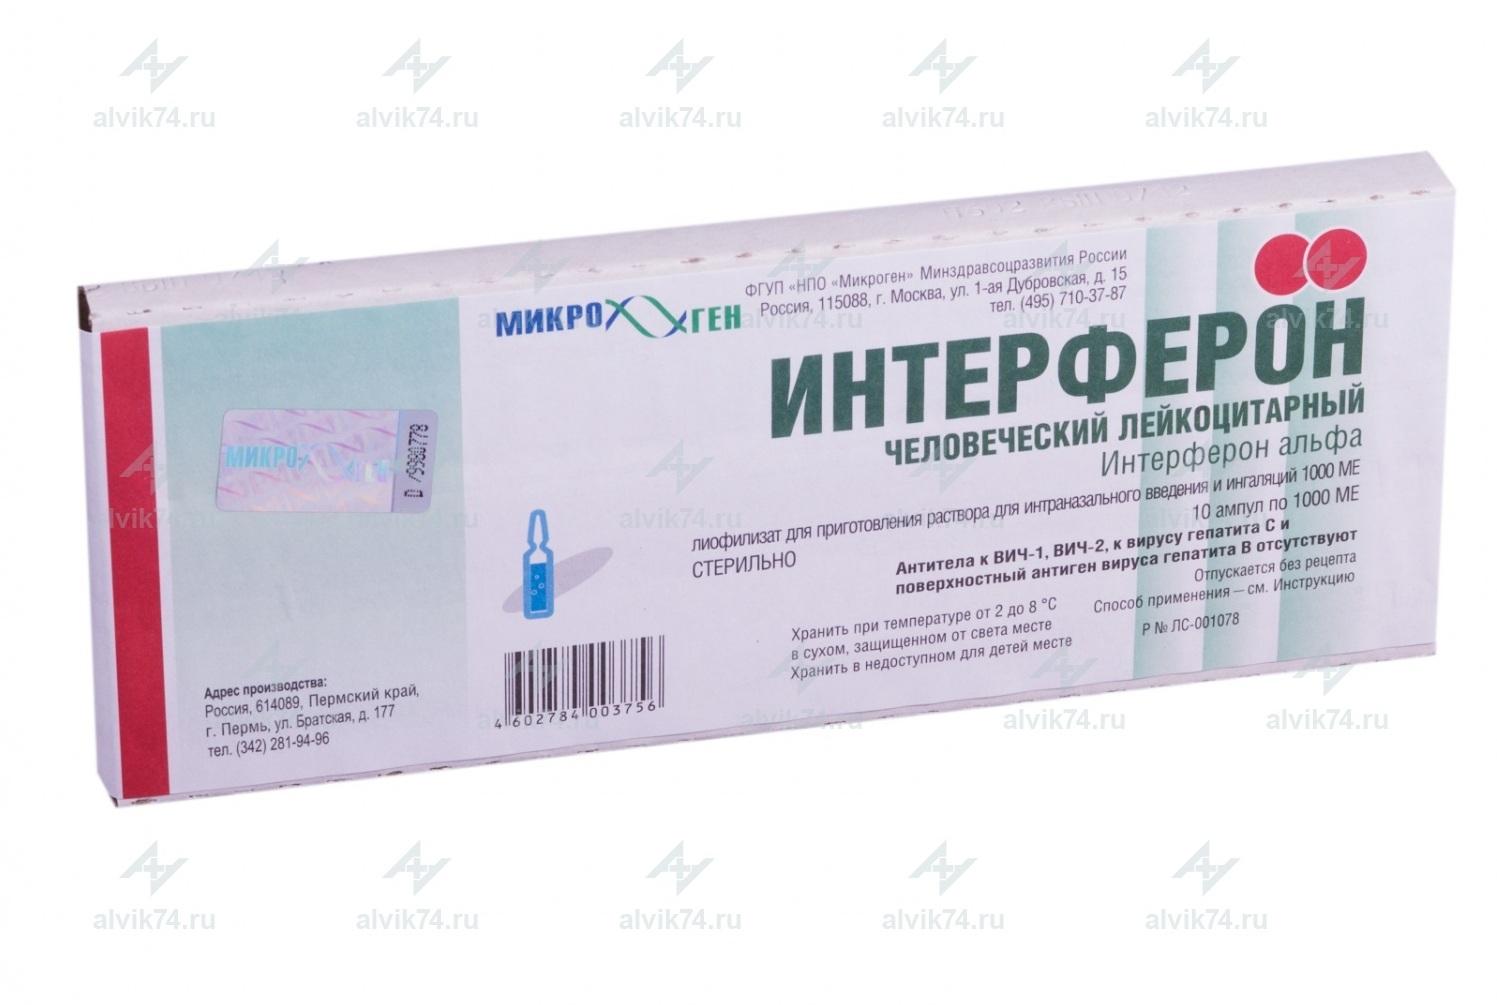 Действие интерферона  вместе  с антиоксидантами на летальные формы гриппа